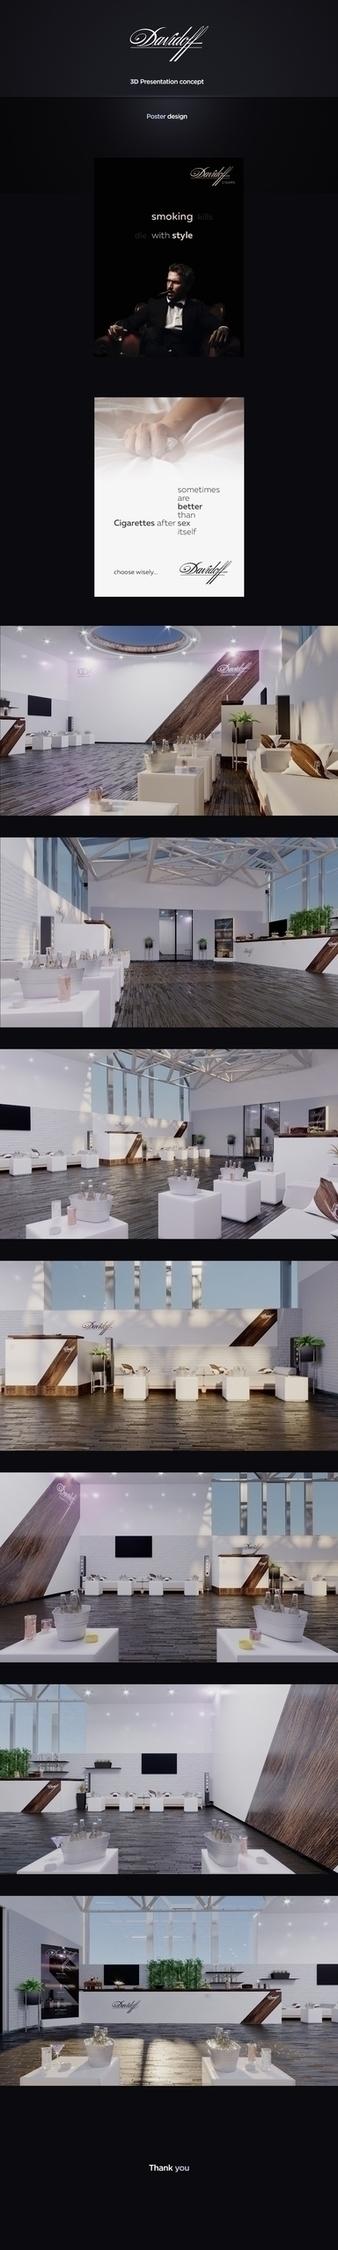 davidoff, concept, 3D, interior - moonya91 | ello